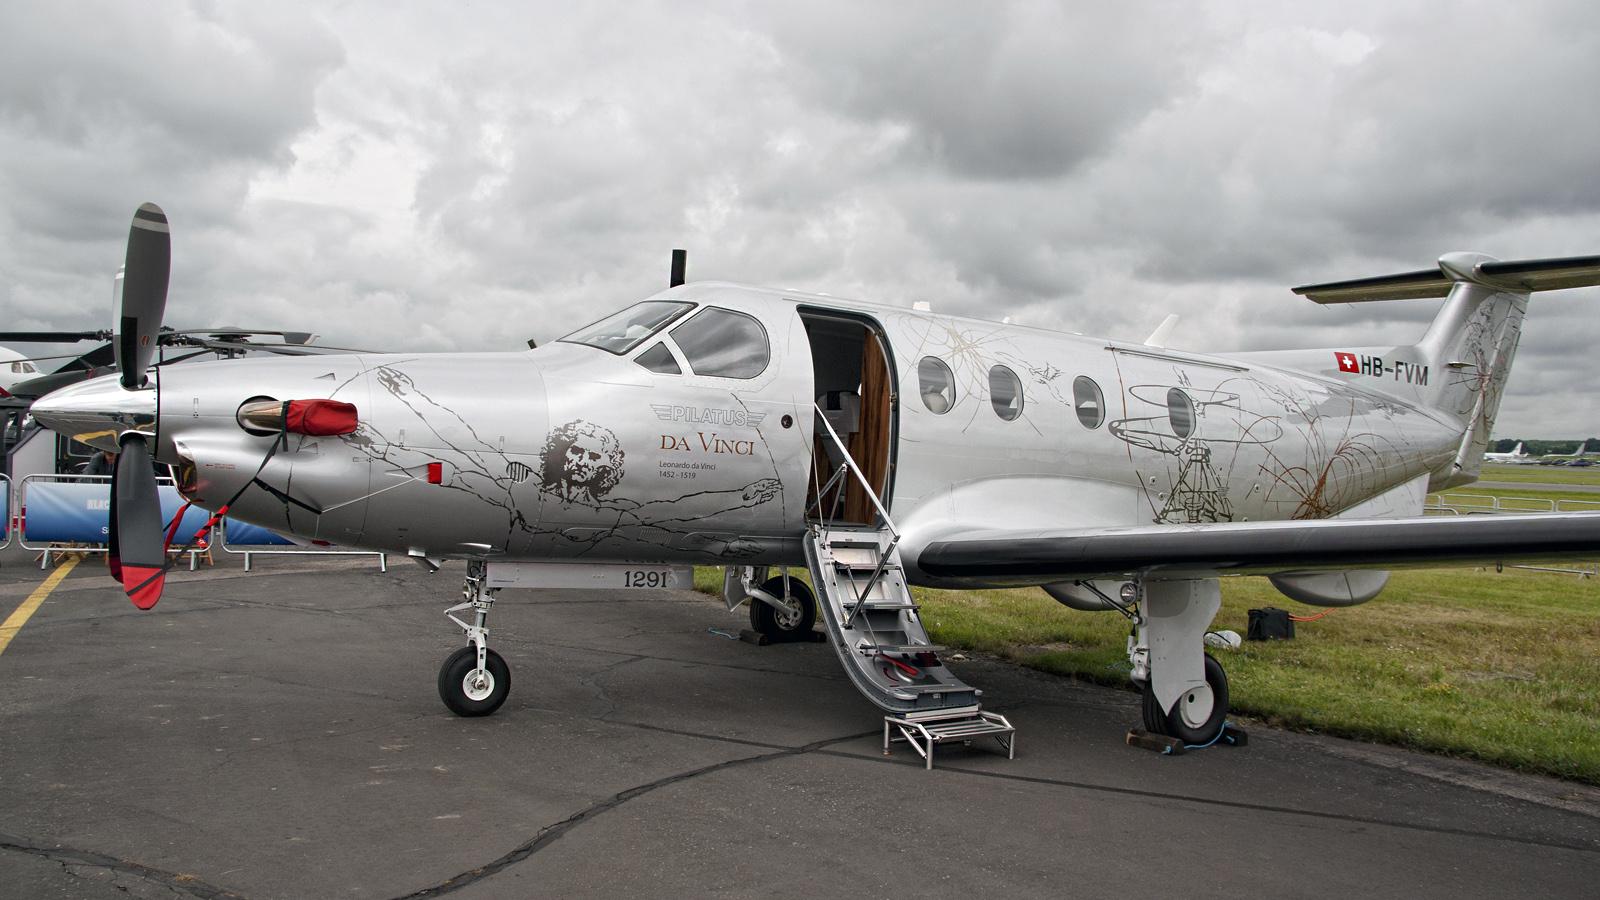 Pilatus PC-12 47E HB-FVM Pilatus